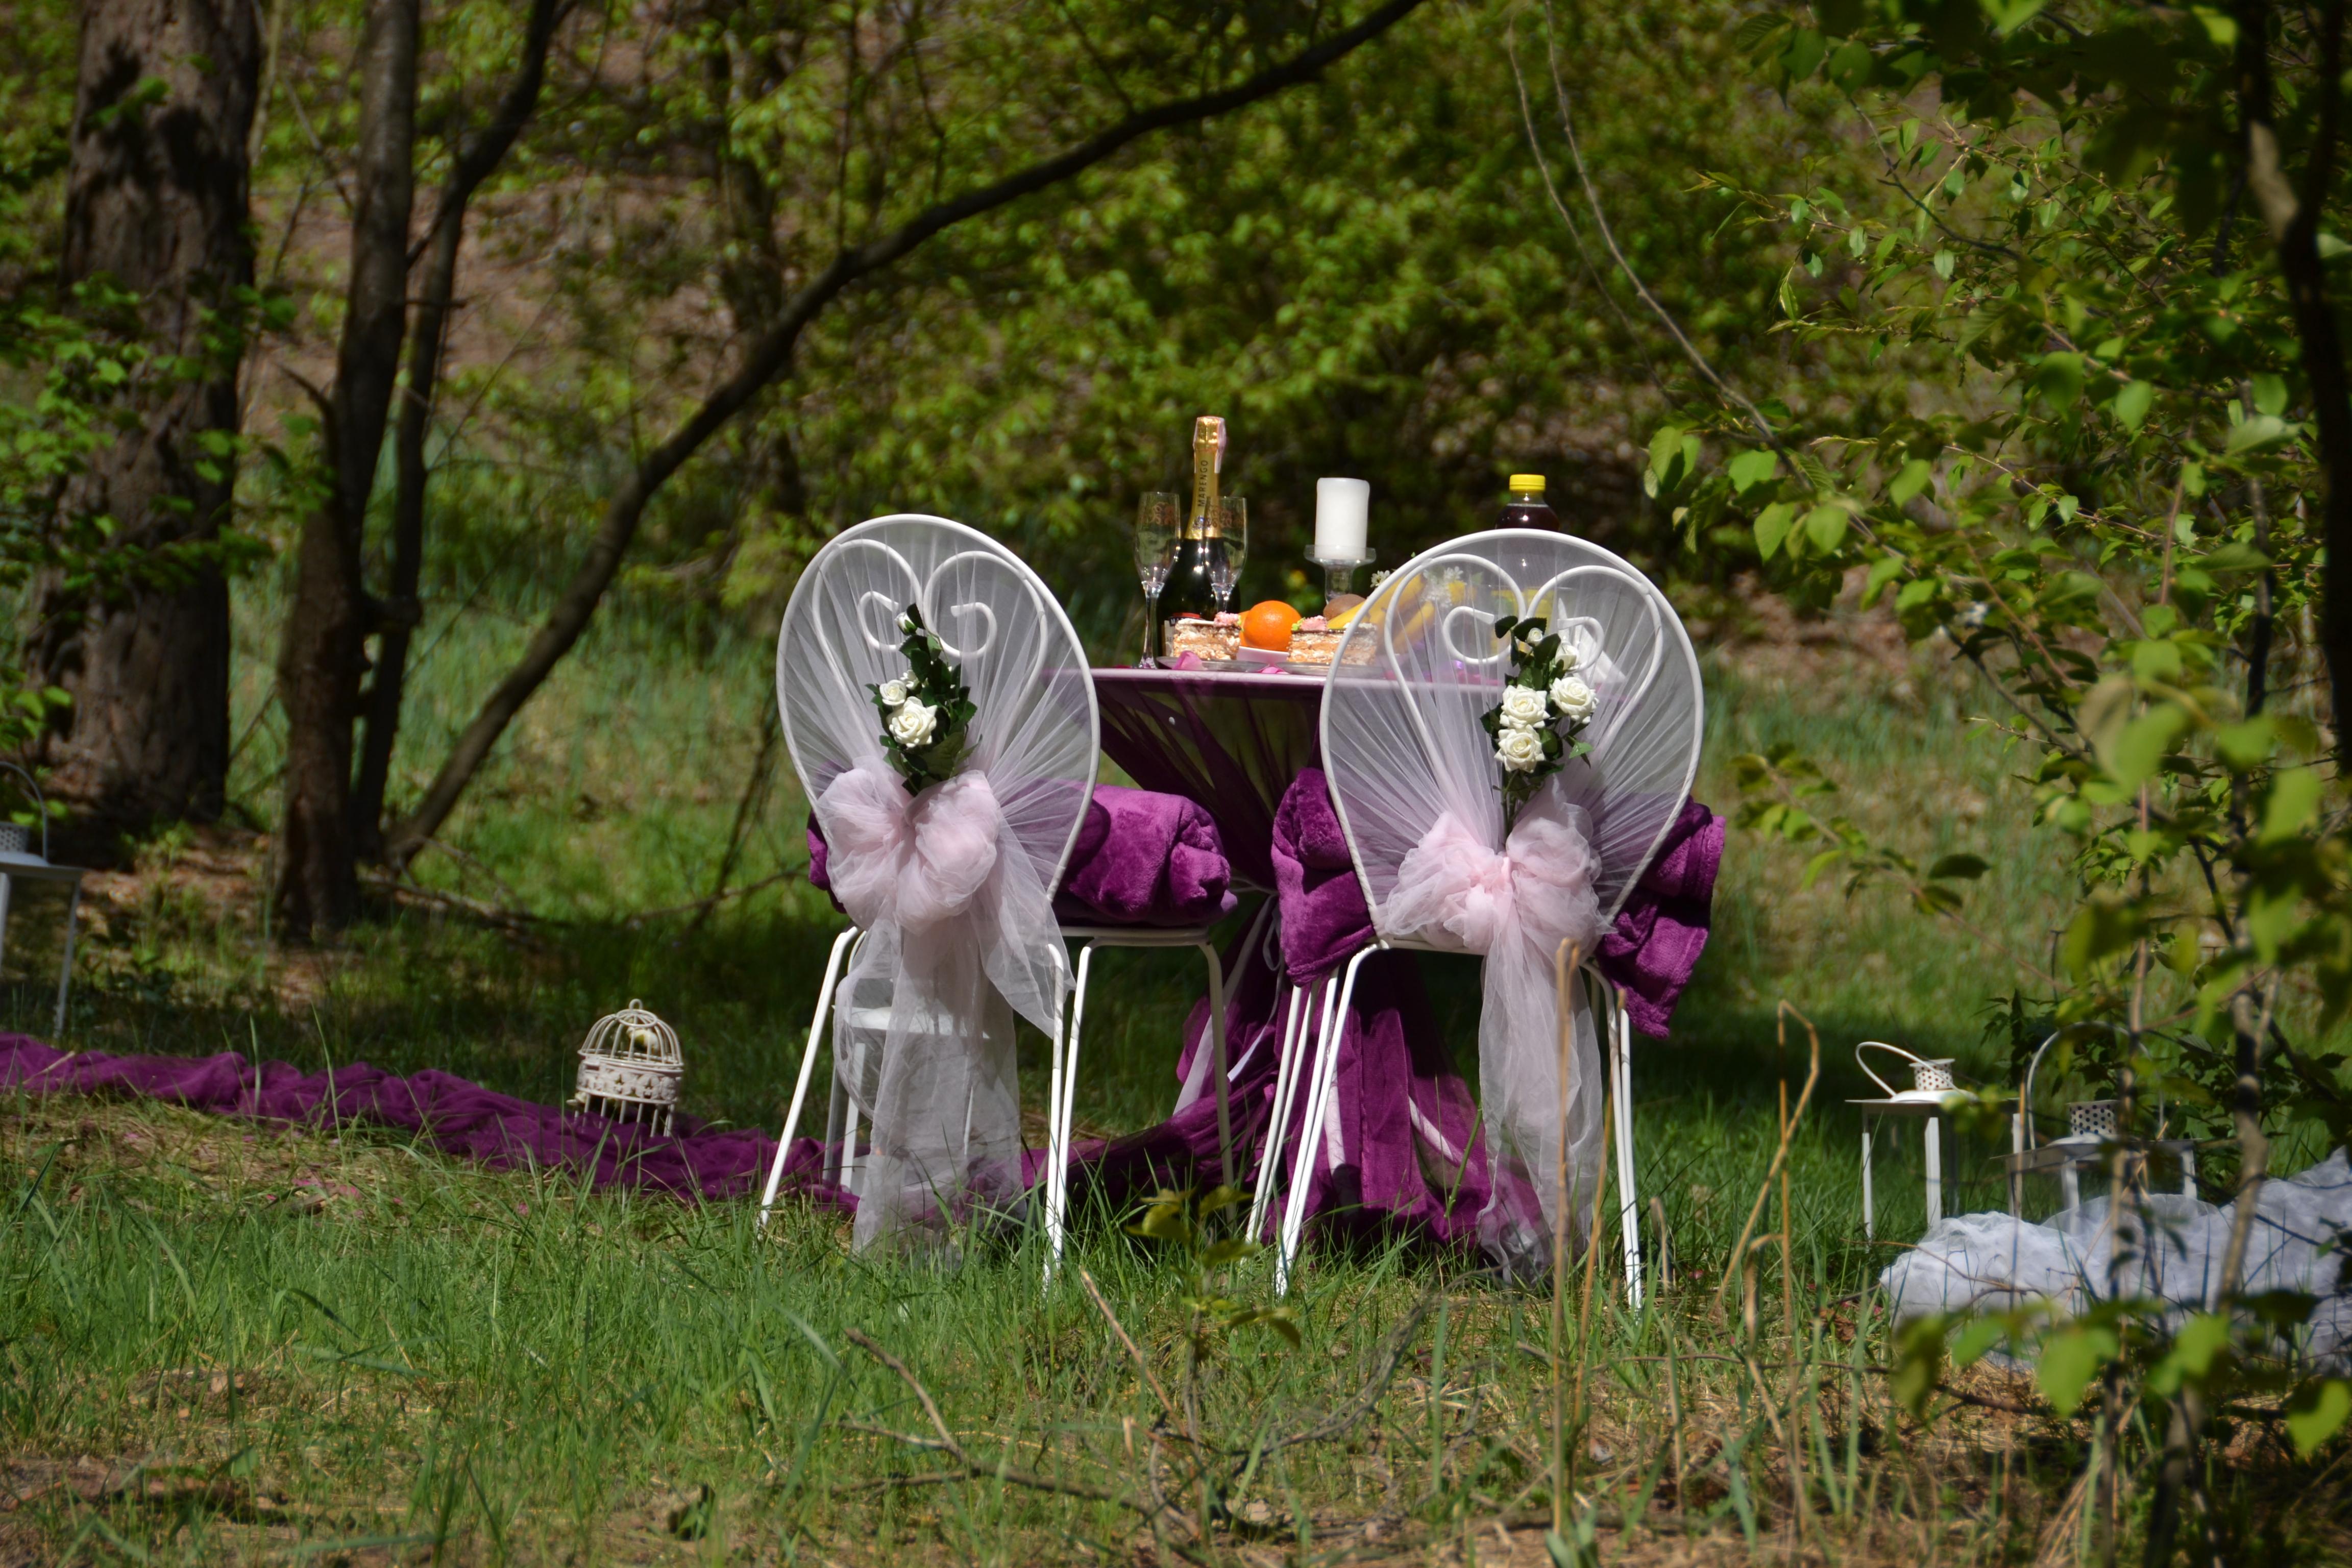 Альтечо, Романтический ужин в лесу с прогулкой на лошадях (25)